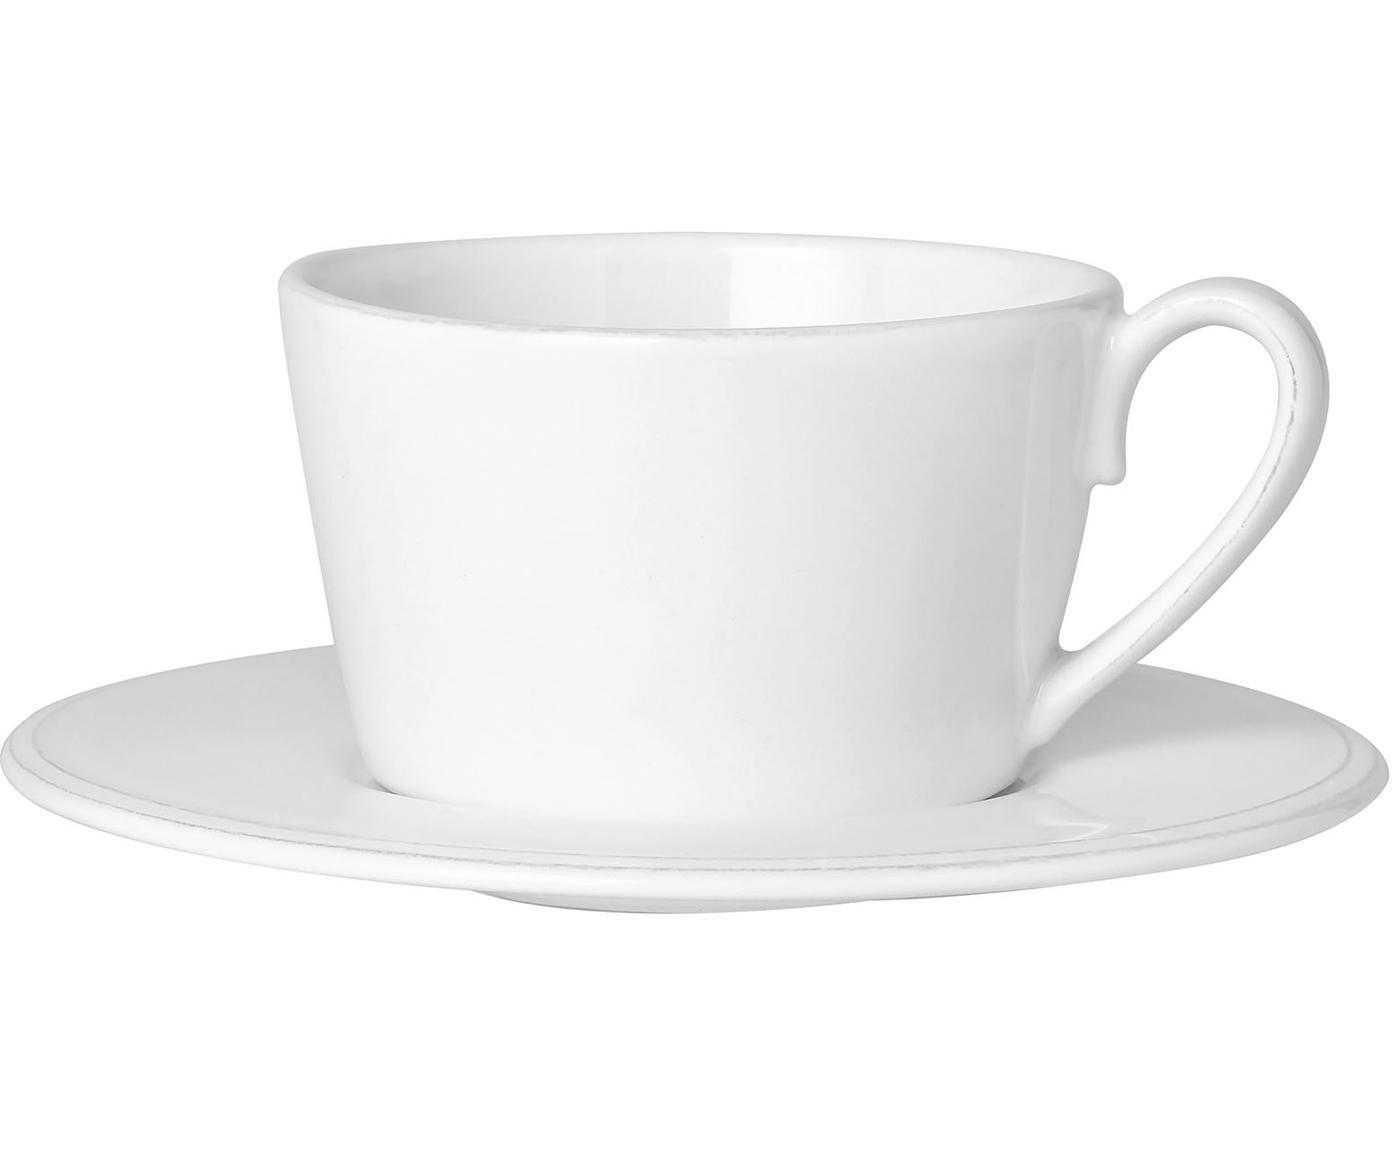 Taza de té con platito Constance, estilo rústico, Gres, Blanco, Ø 19 x Al 8 cm